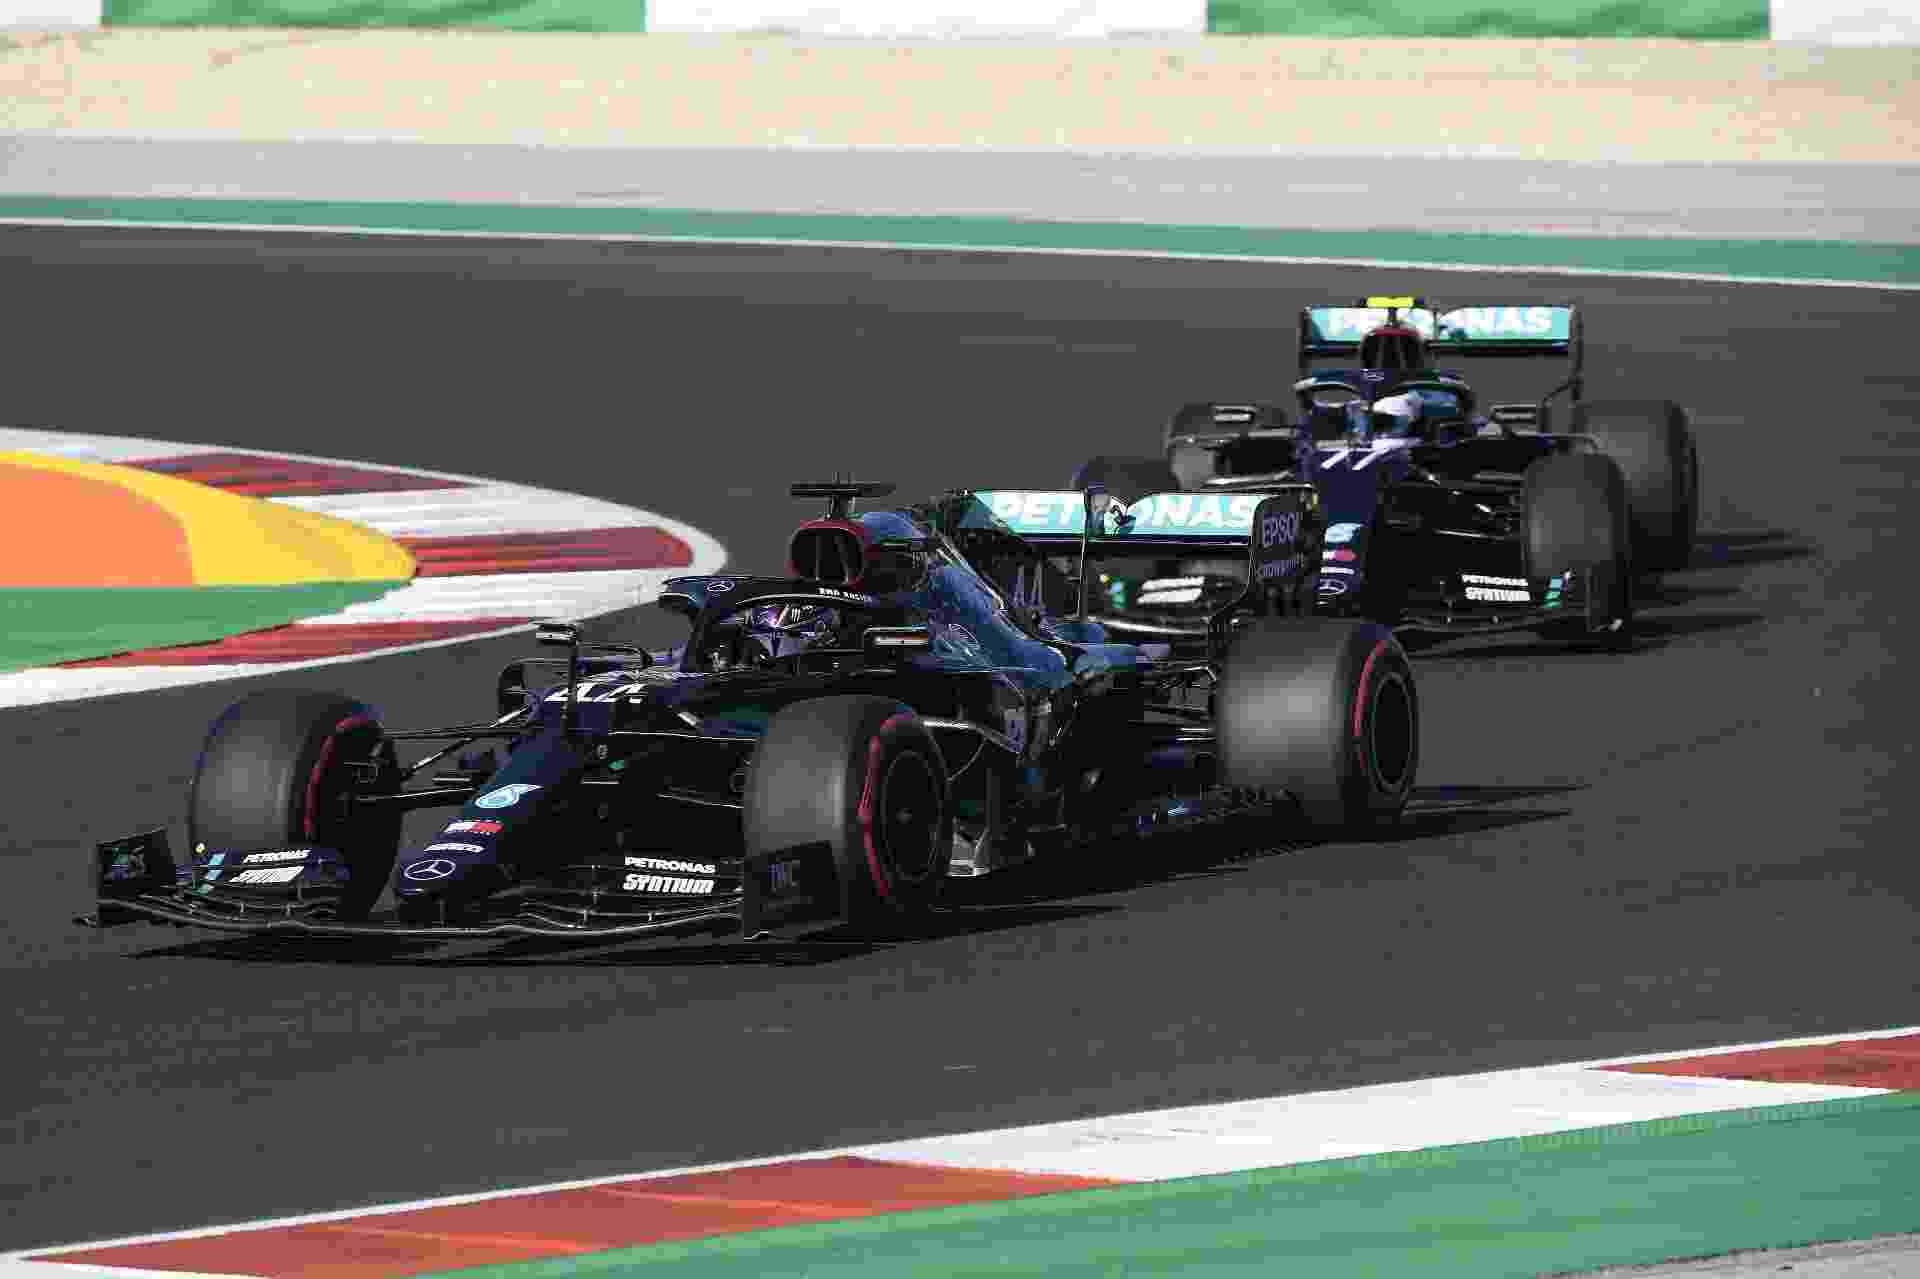 Lewis Hamilton na frente de Valtteri Bottas durante treinos em Portimão - FIA Pool